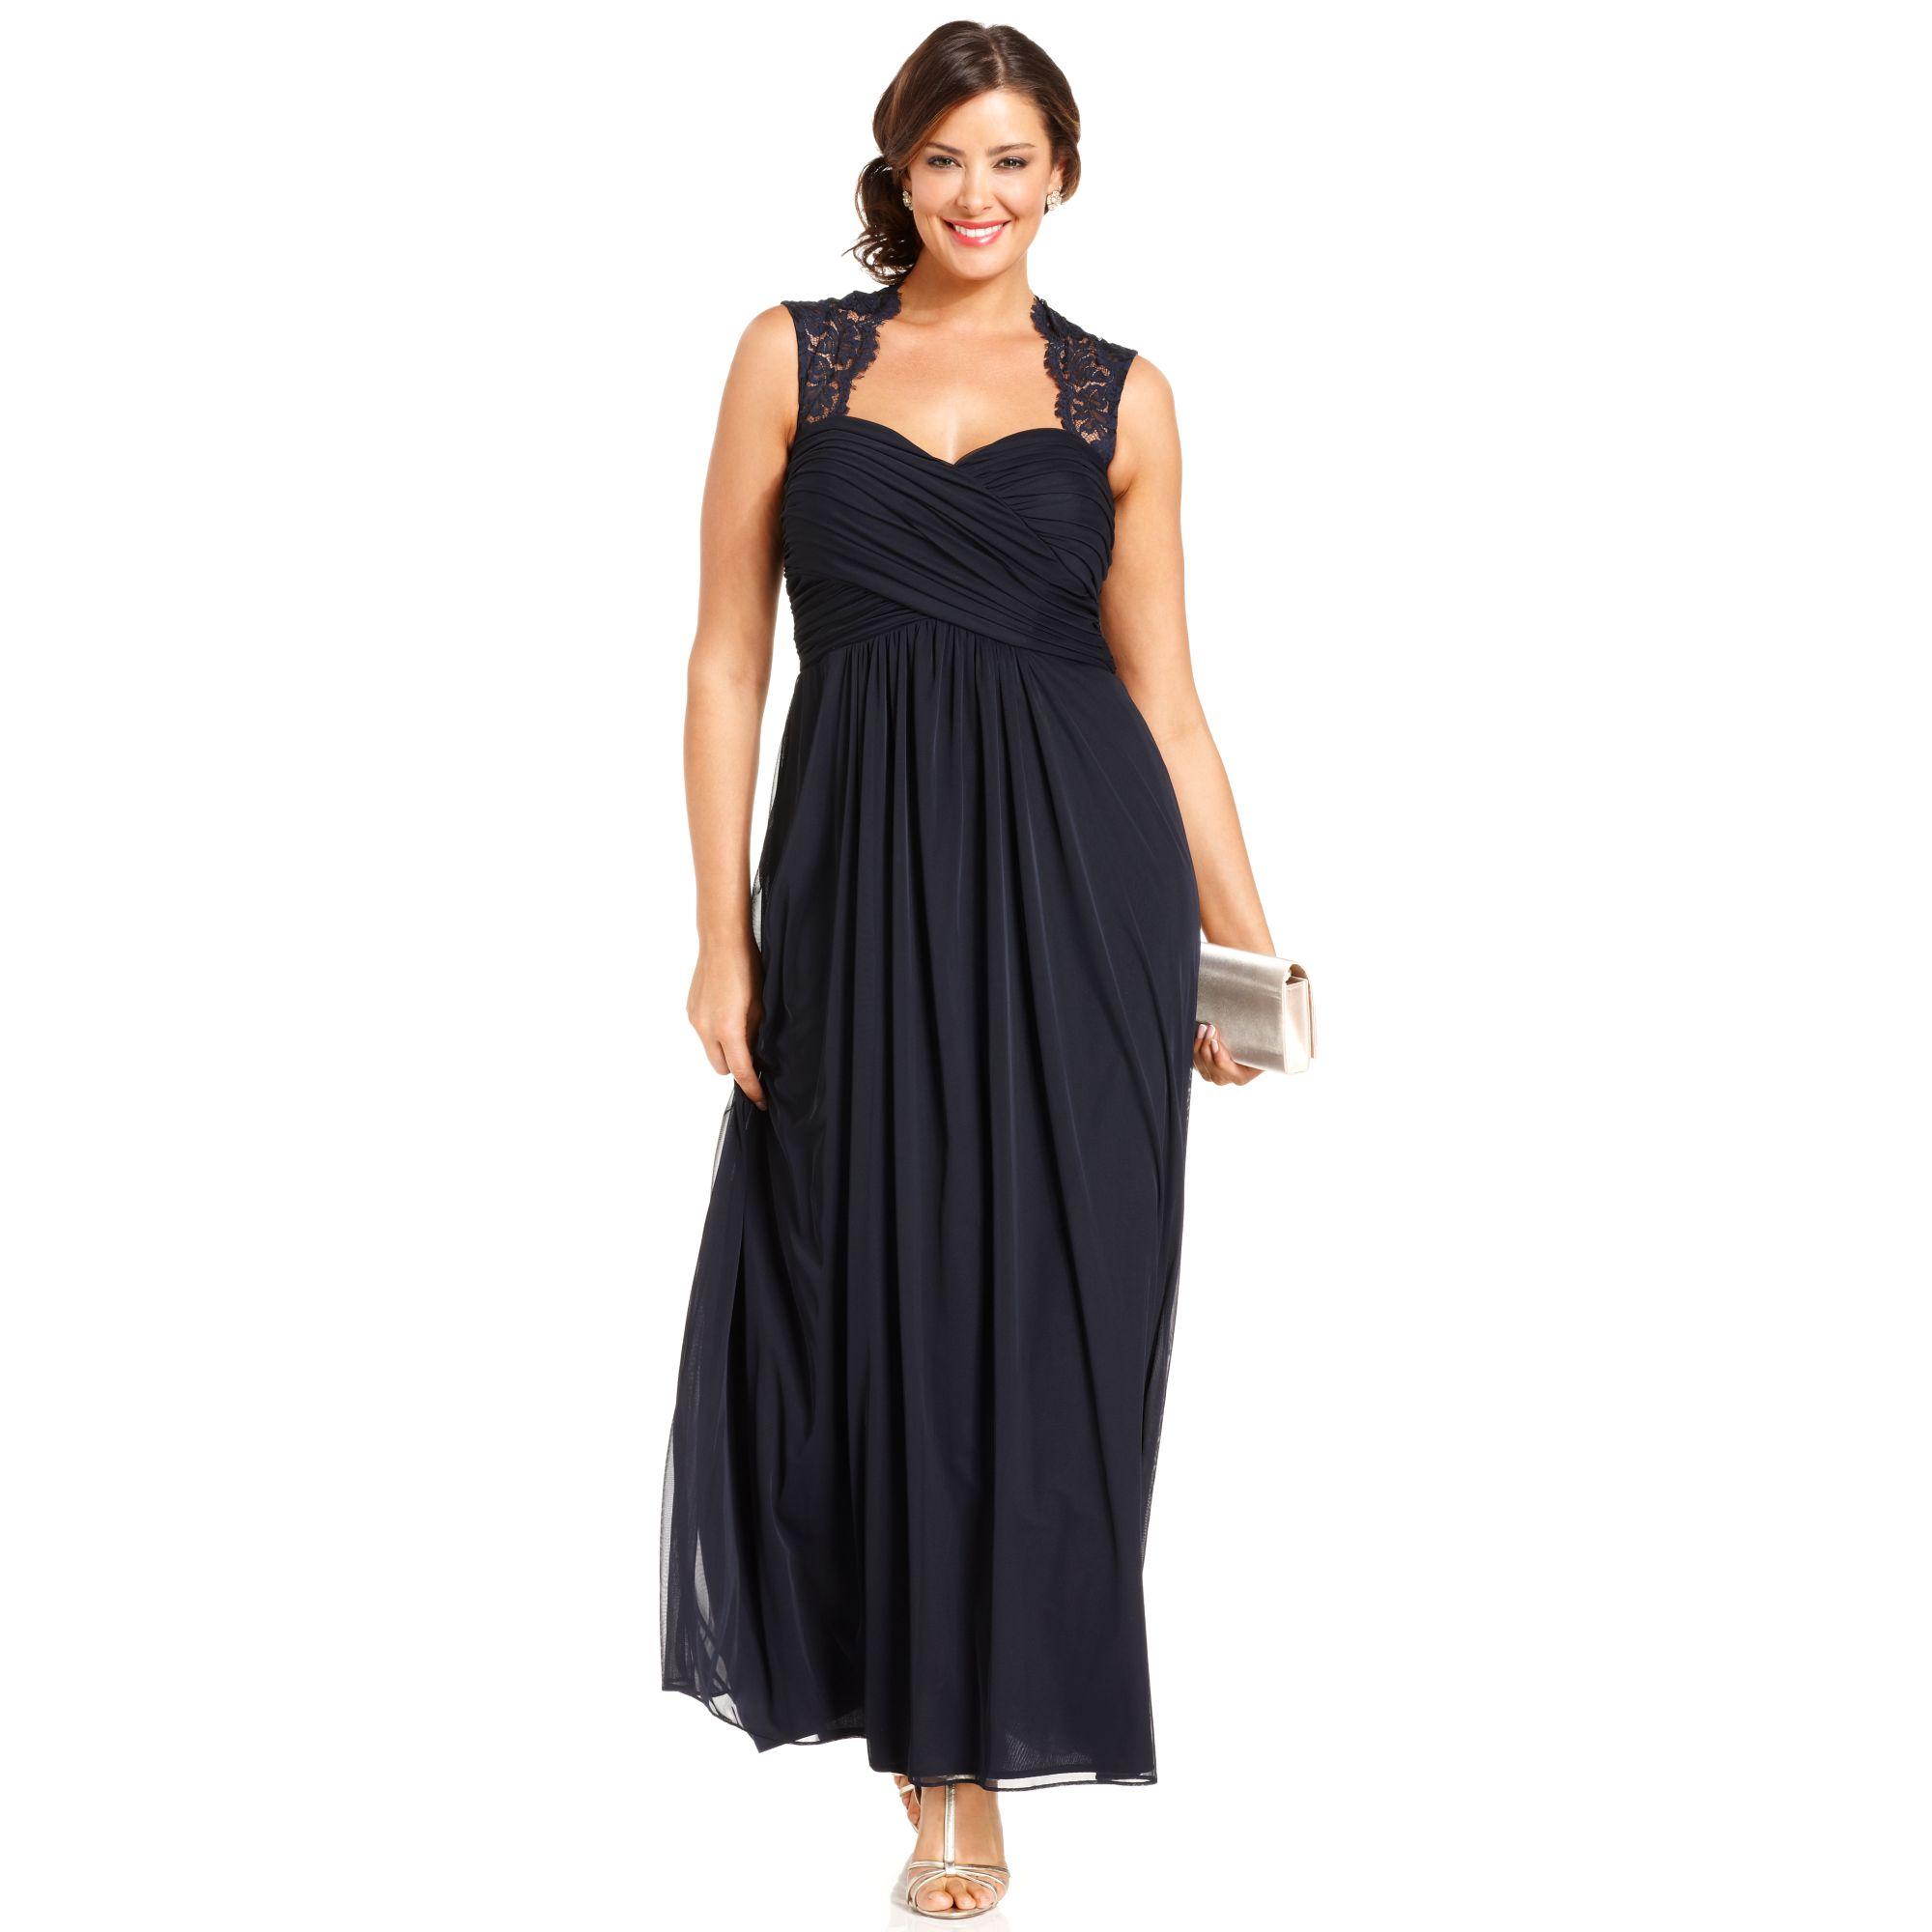 Xscape Plus Size Evening Dress